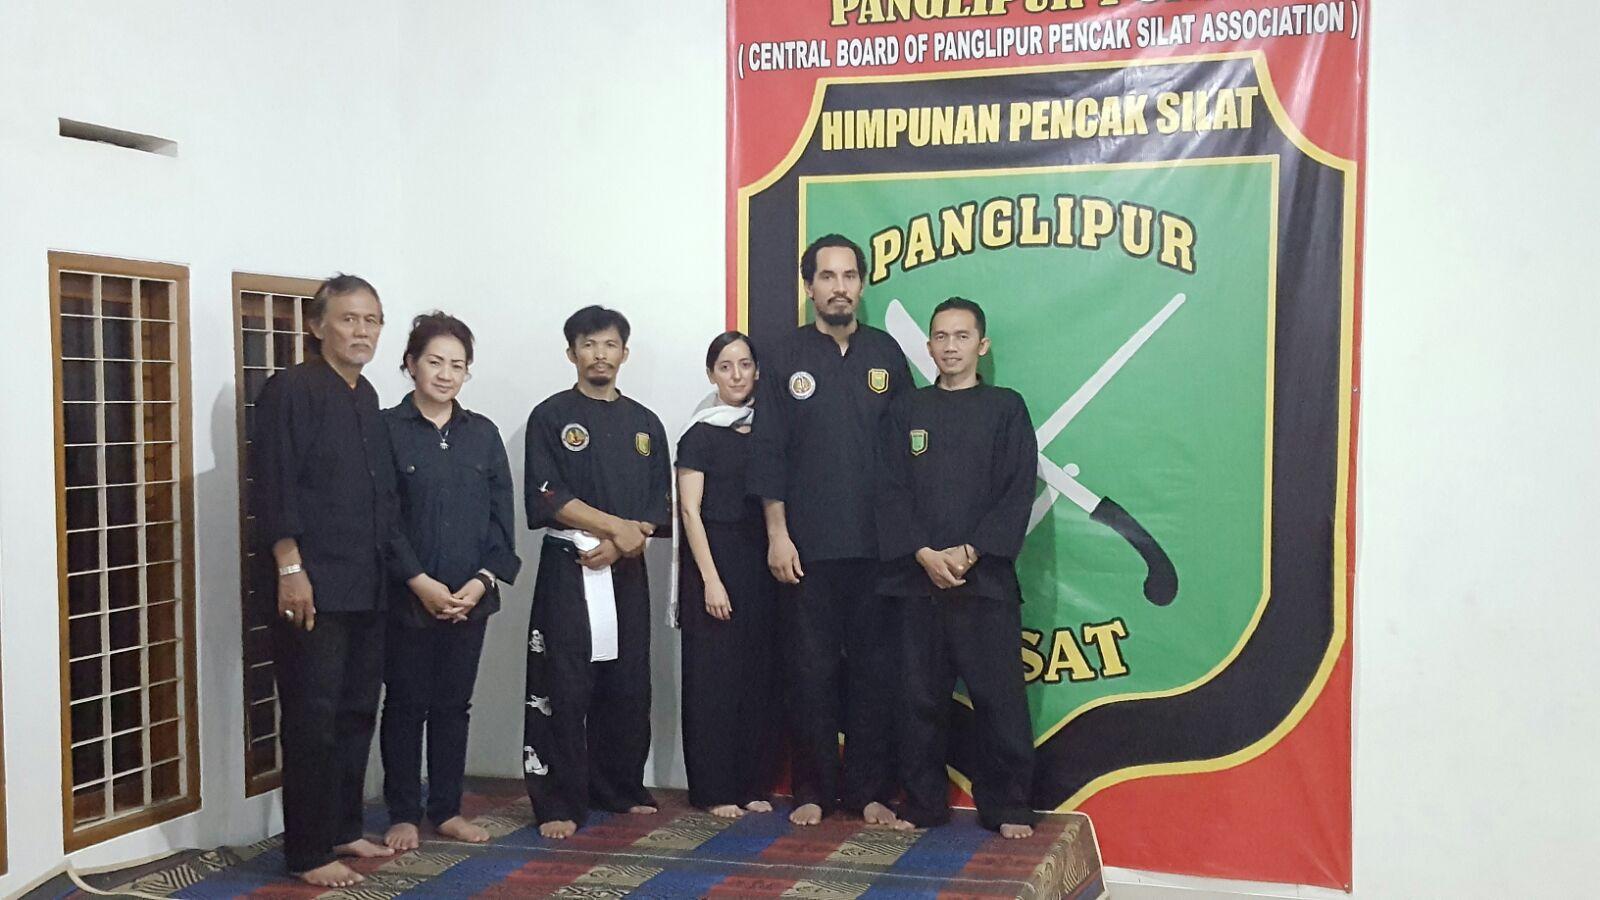 Denise and Kai at Headquarters of Pencak Silat Panglipur in Bandung, Indonesia, , Pa Haji Nana, Kang Cecep, Kang Atep, and crew.